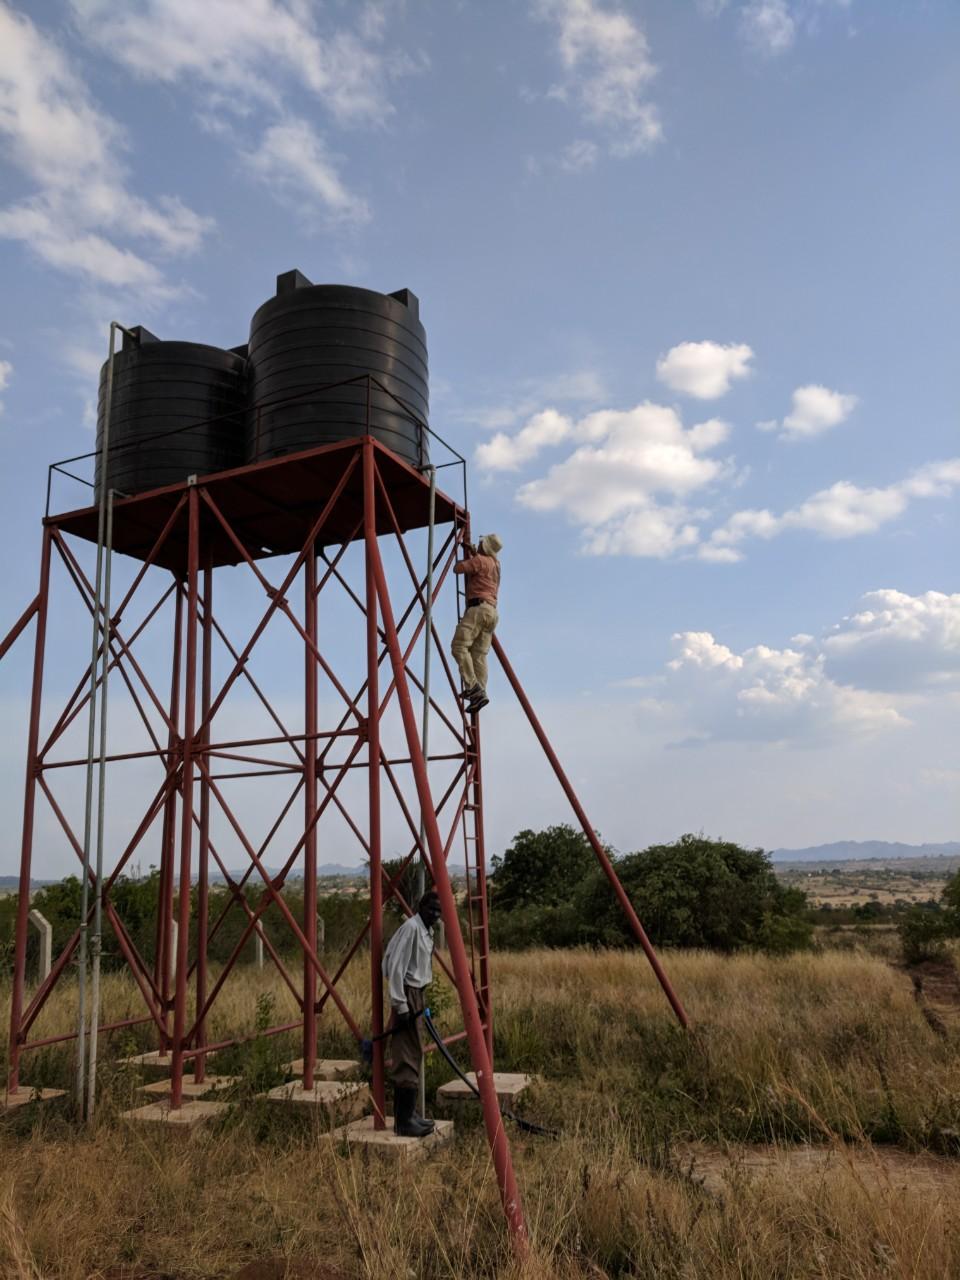 water tower in Tanzania